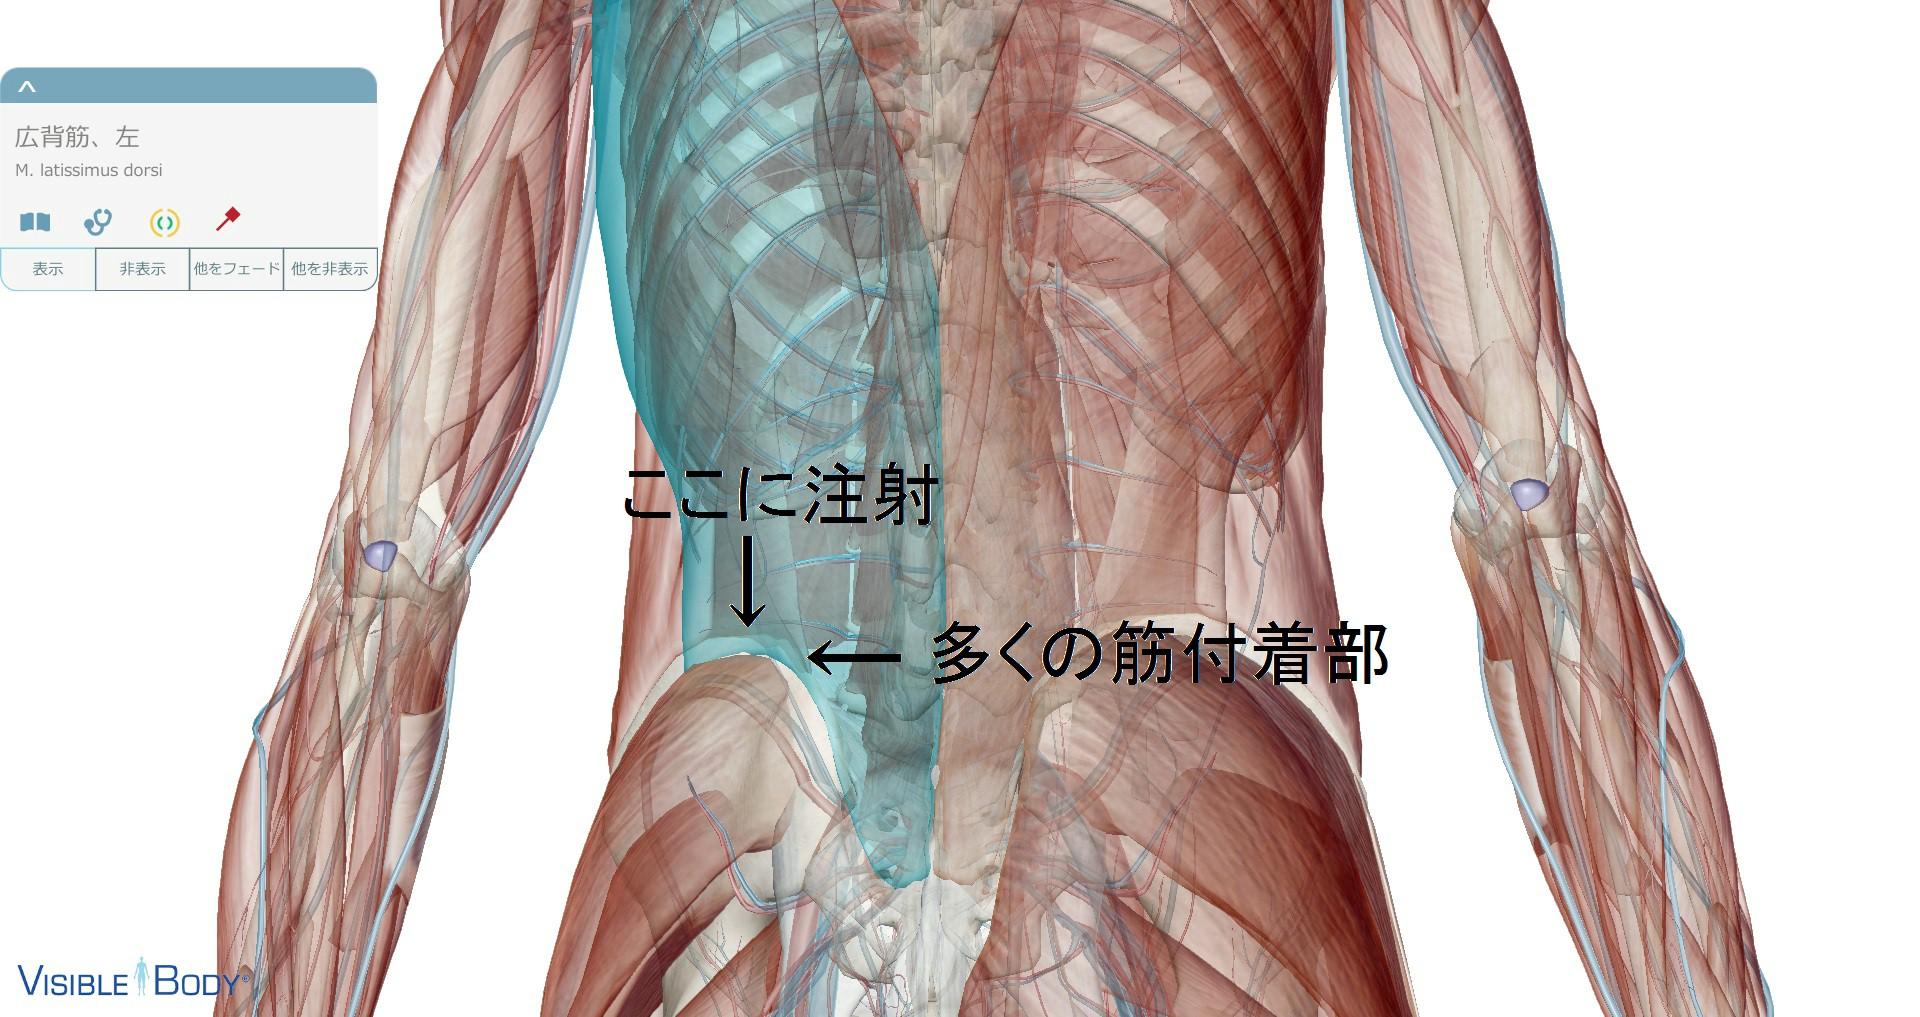 腸骨筋肉注射